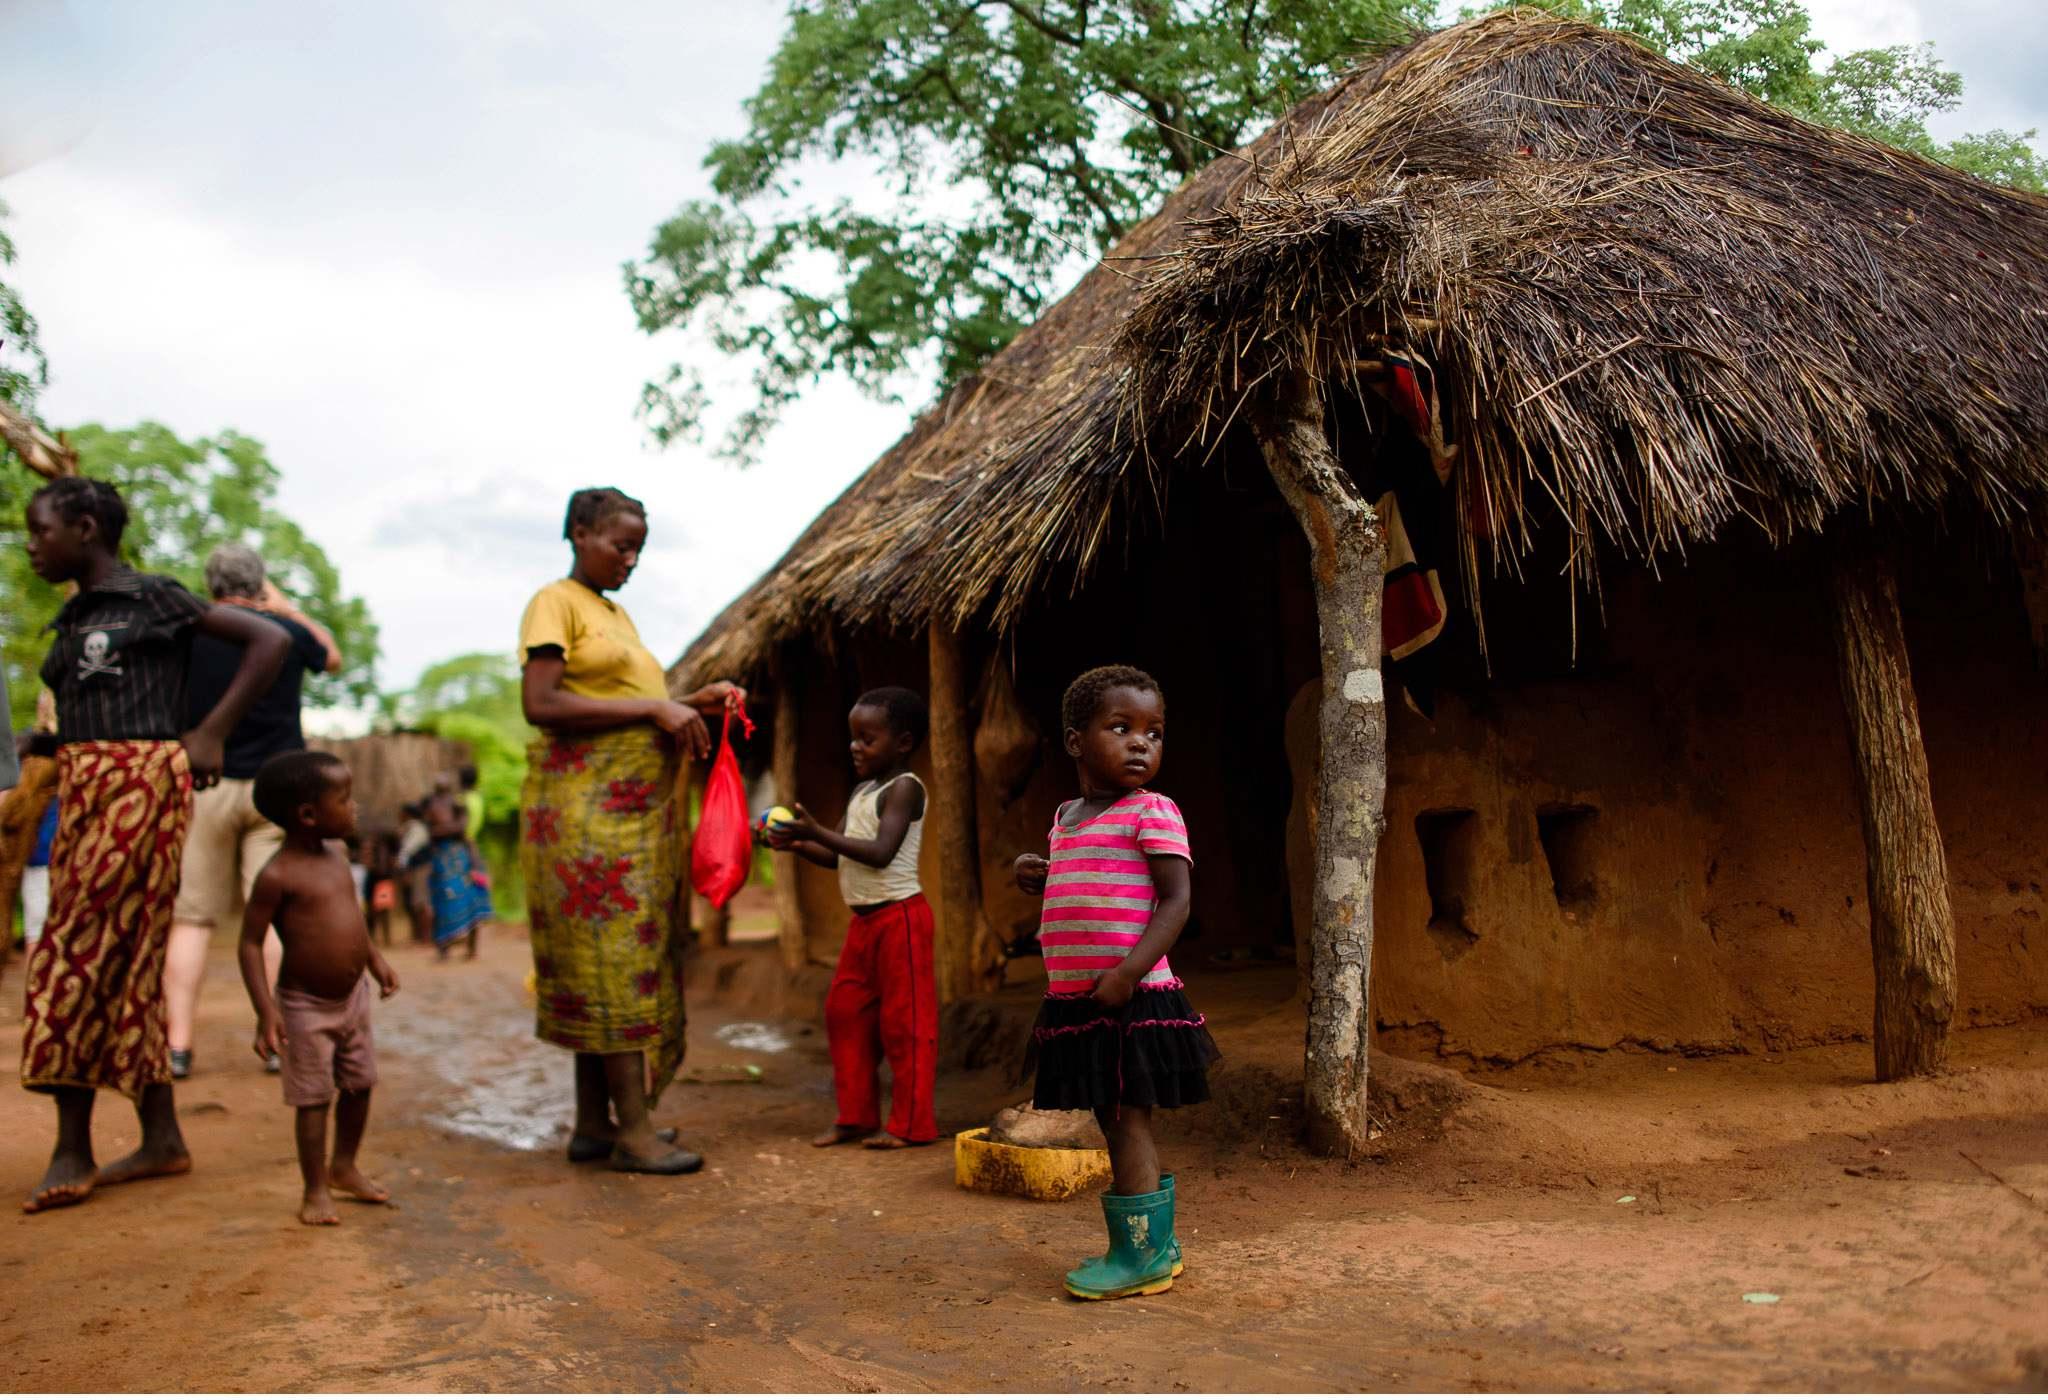 Vom South Luangwa in Zambia an den Malawi See - Marion und Daniel - Geschichten von unterwegs-18